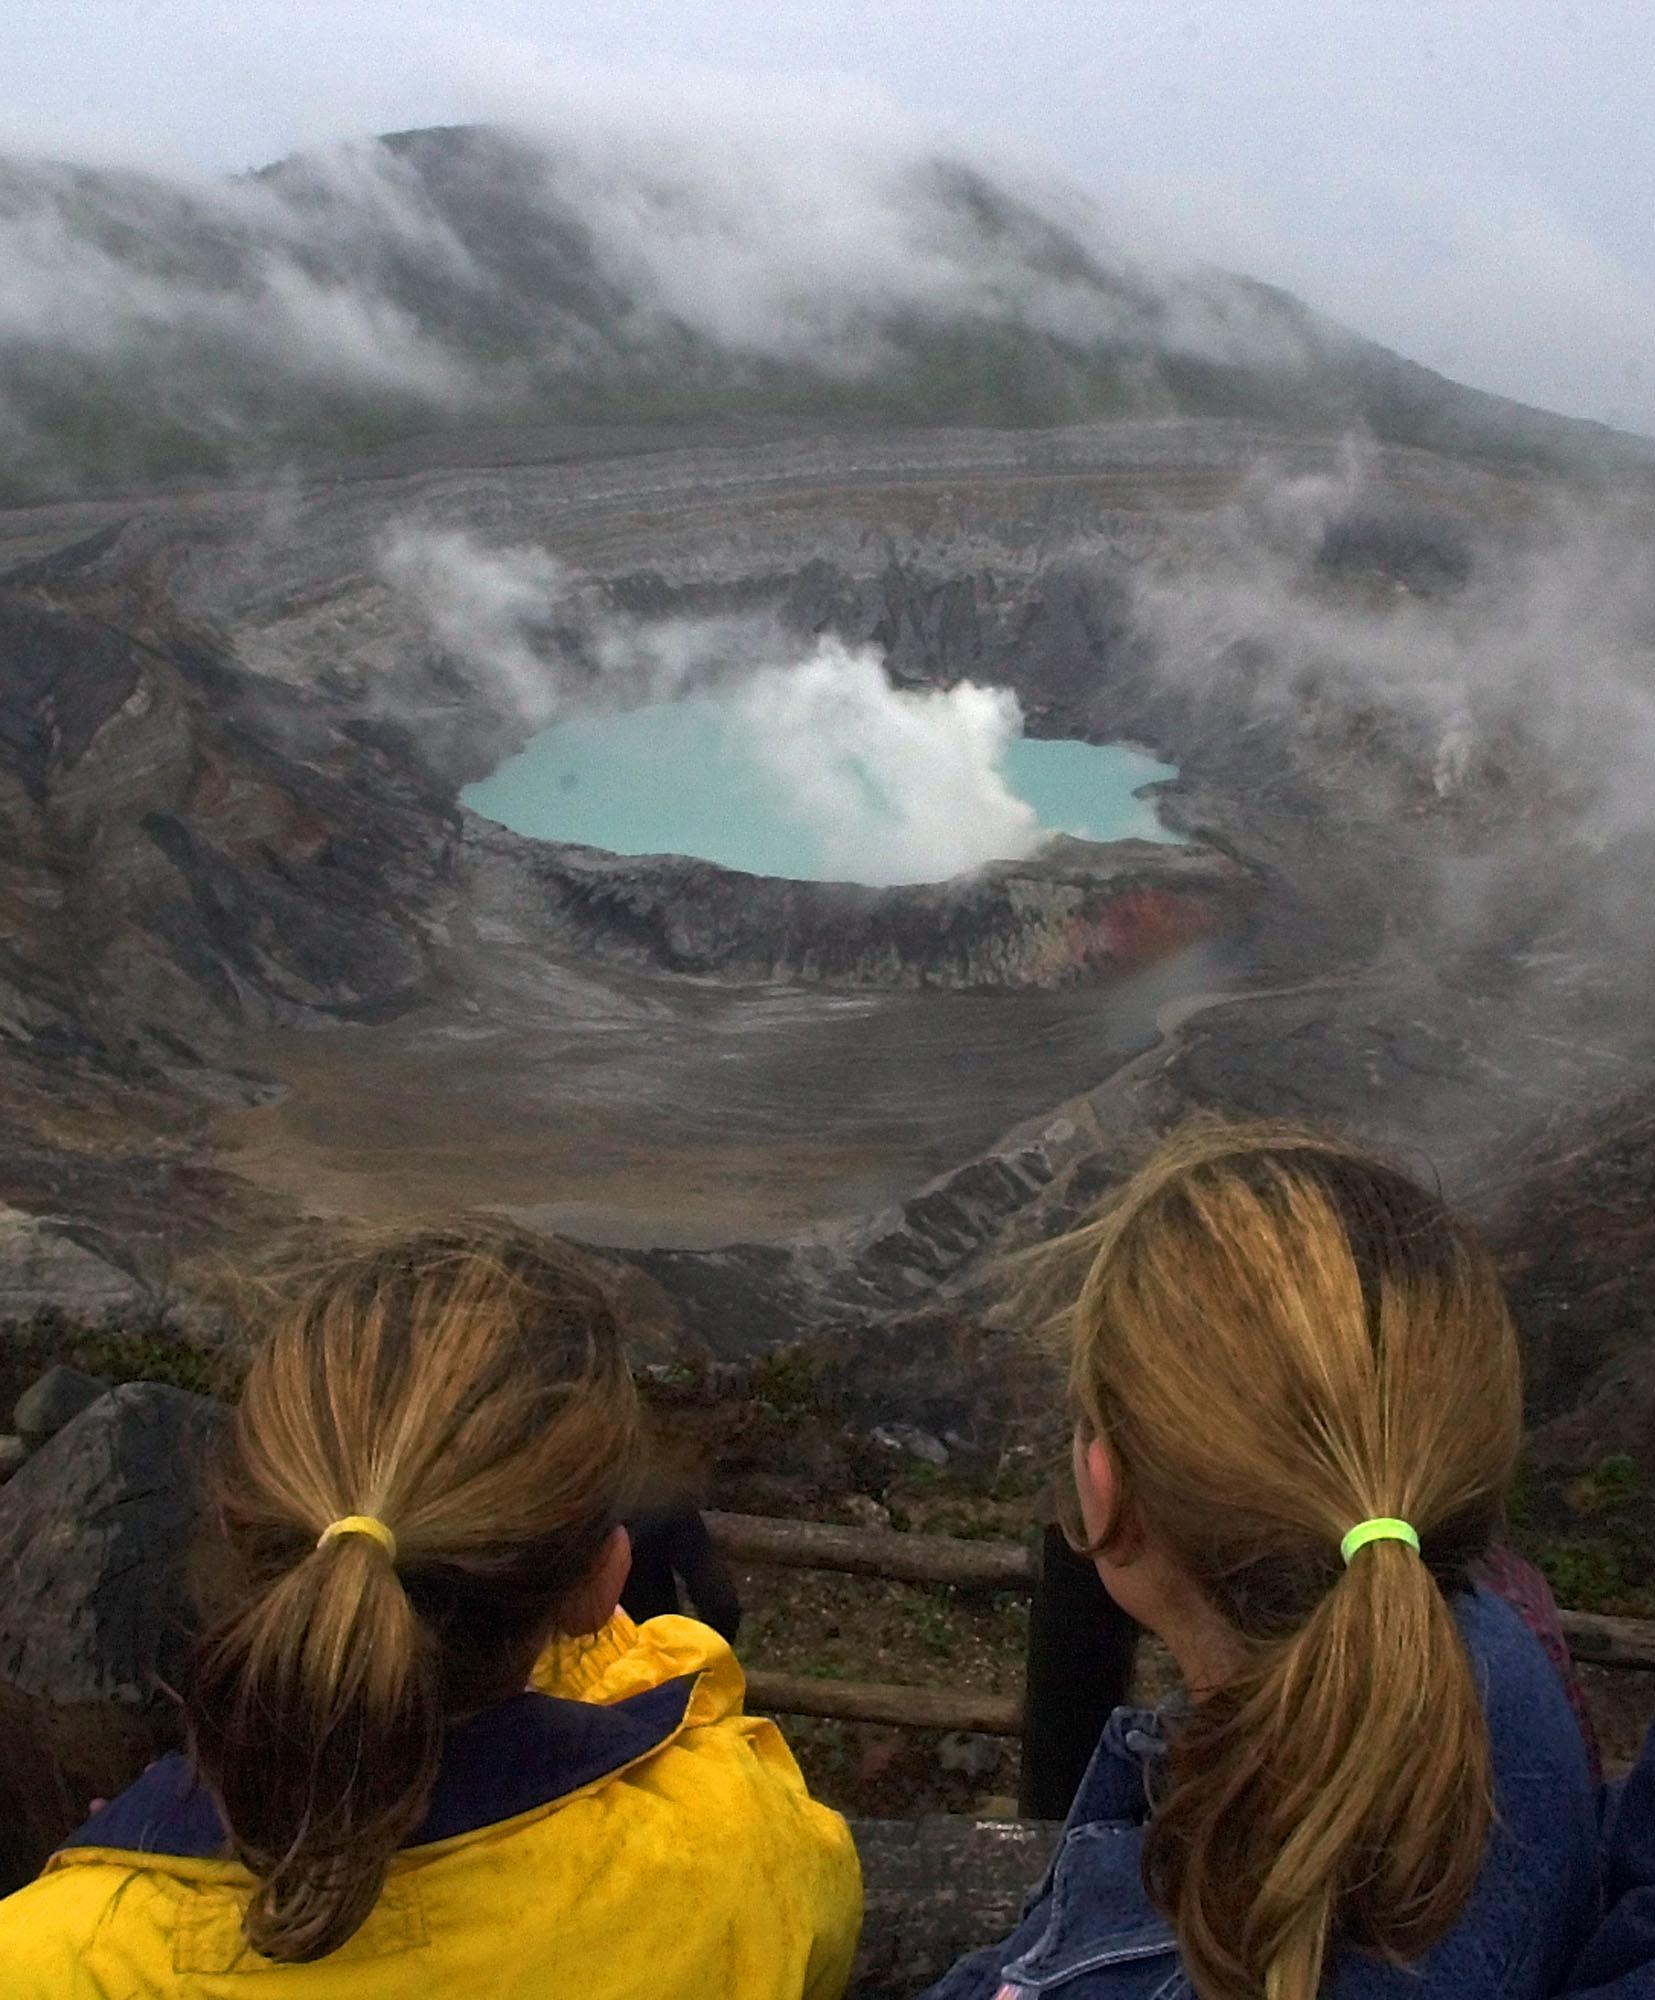 Costa Rica-Machtige vulkanen en veel wilde dieren die op je pad komen, je moet het zelf bezoeken. (AP Photo/Kent Gilbert)